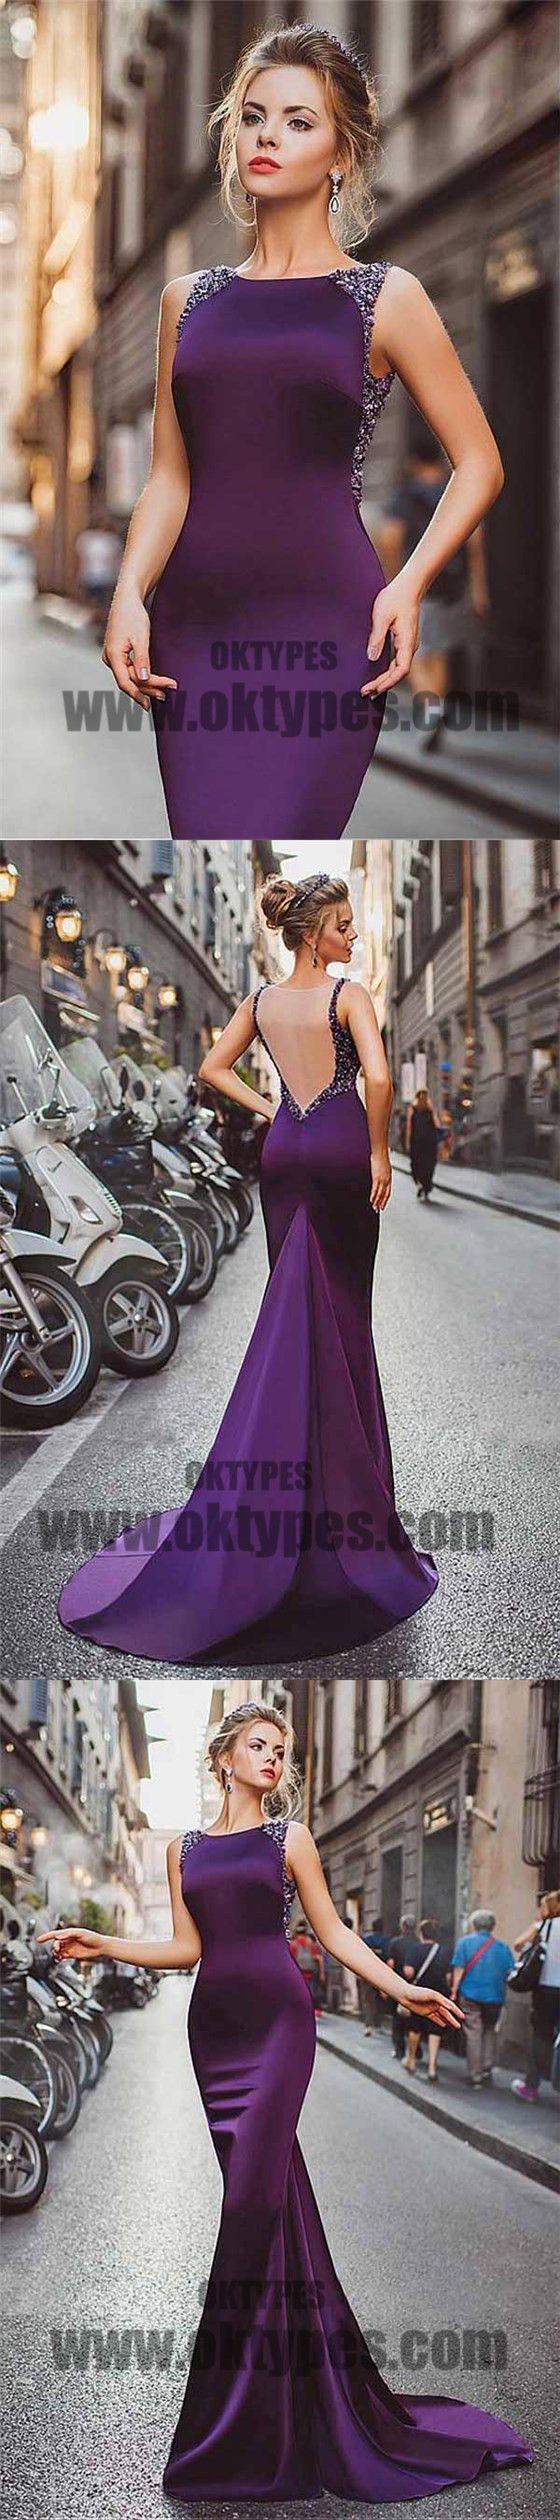 172 best vestidos de noche images on Pinterest | Classy dress, Party ...